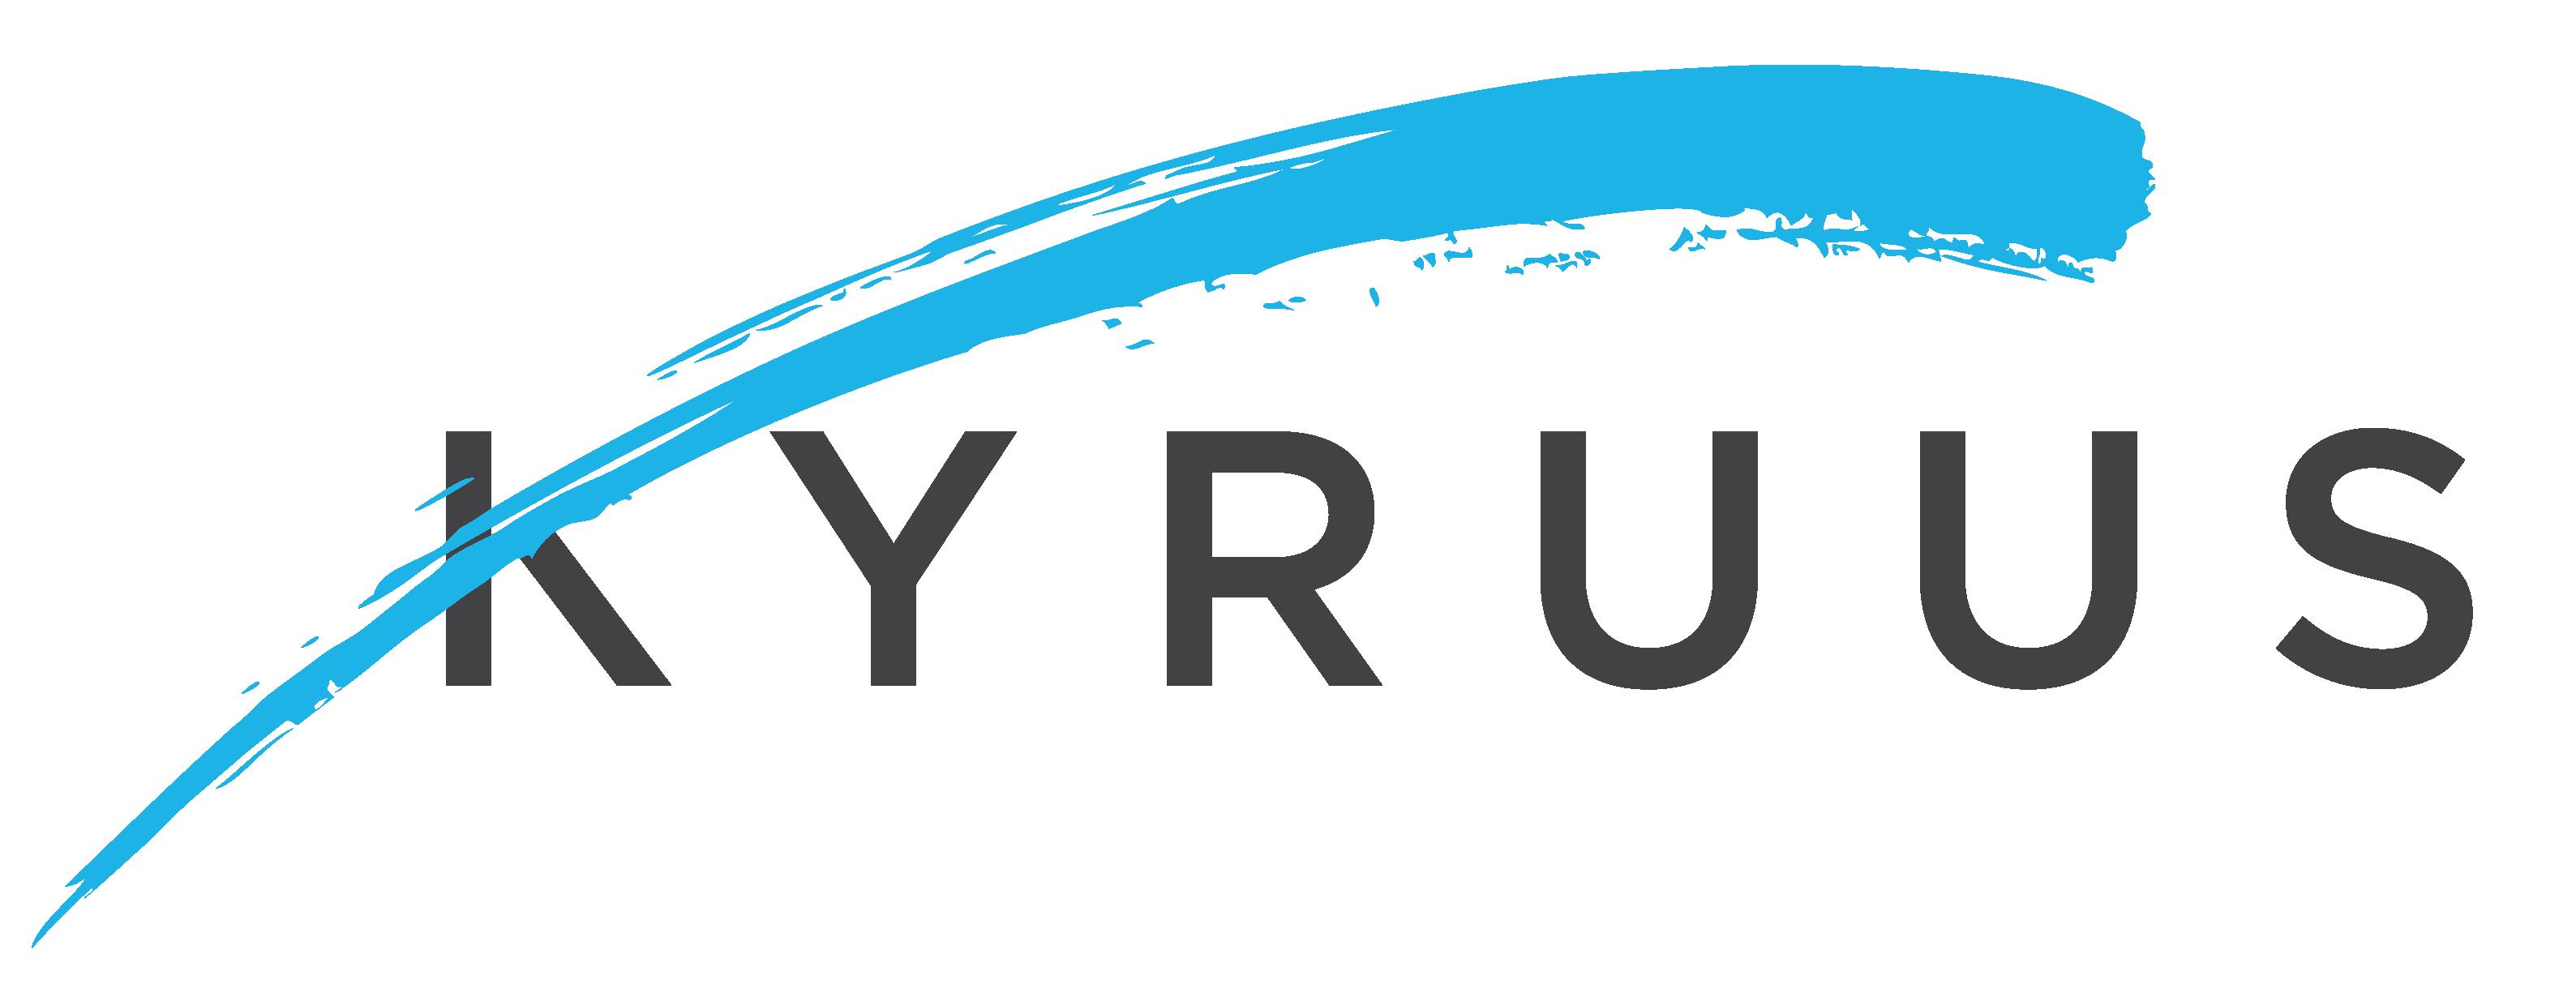 Kyruus